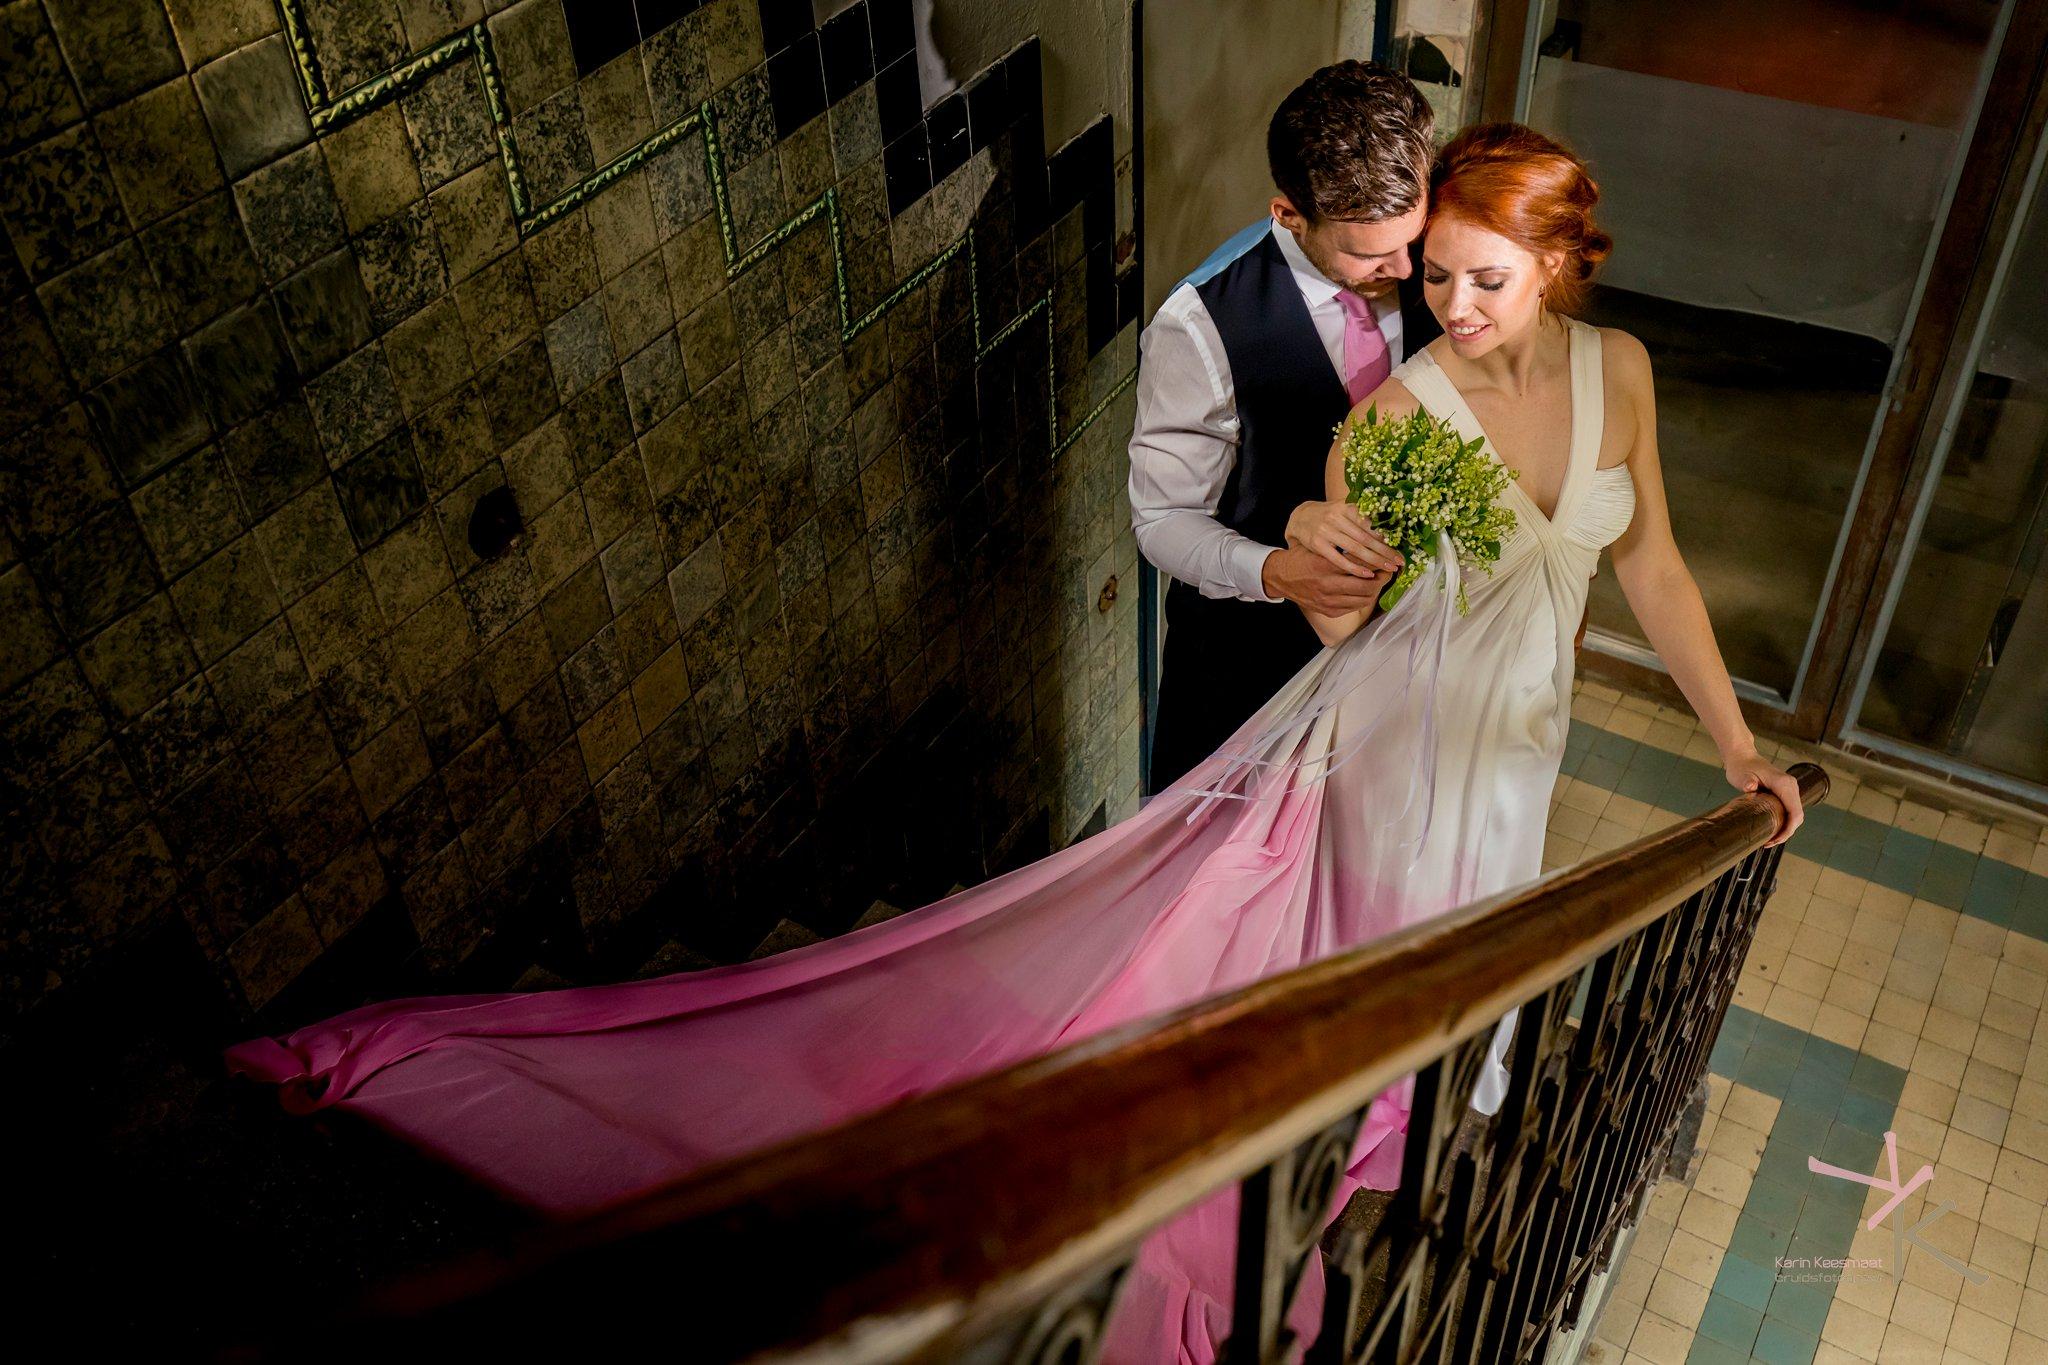 Bruidspaar op trap foto gemaakt door Karian Keesmaat van Kijk-Kunstfotografie